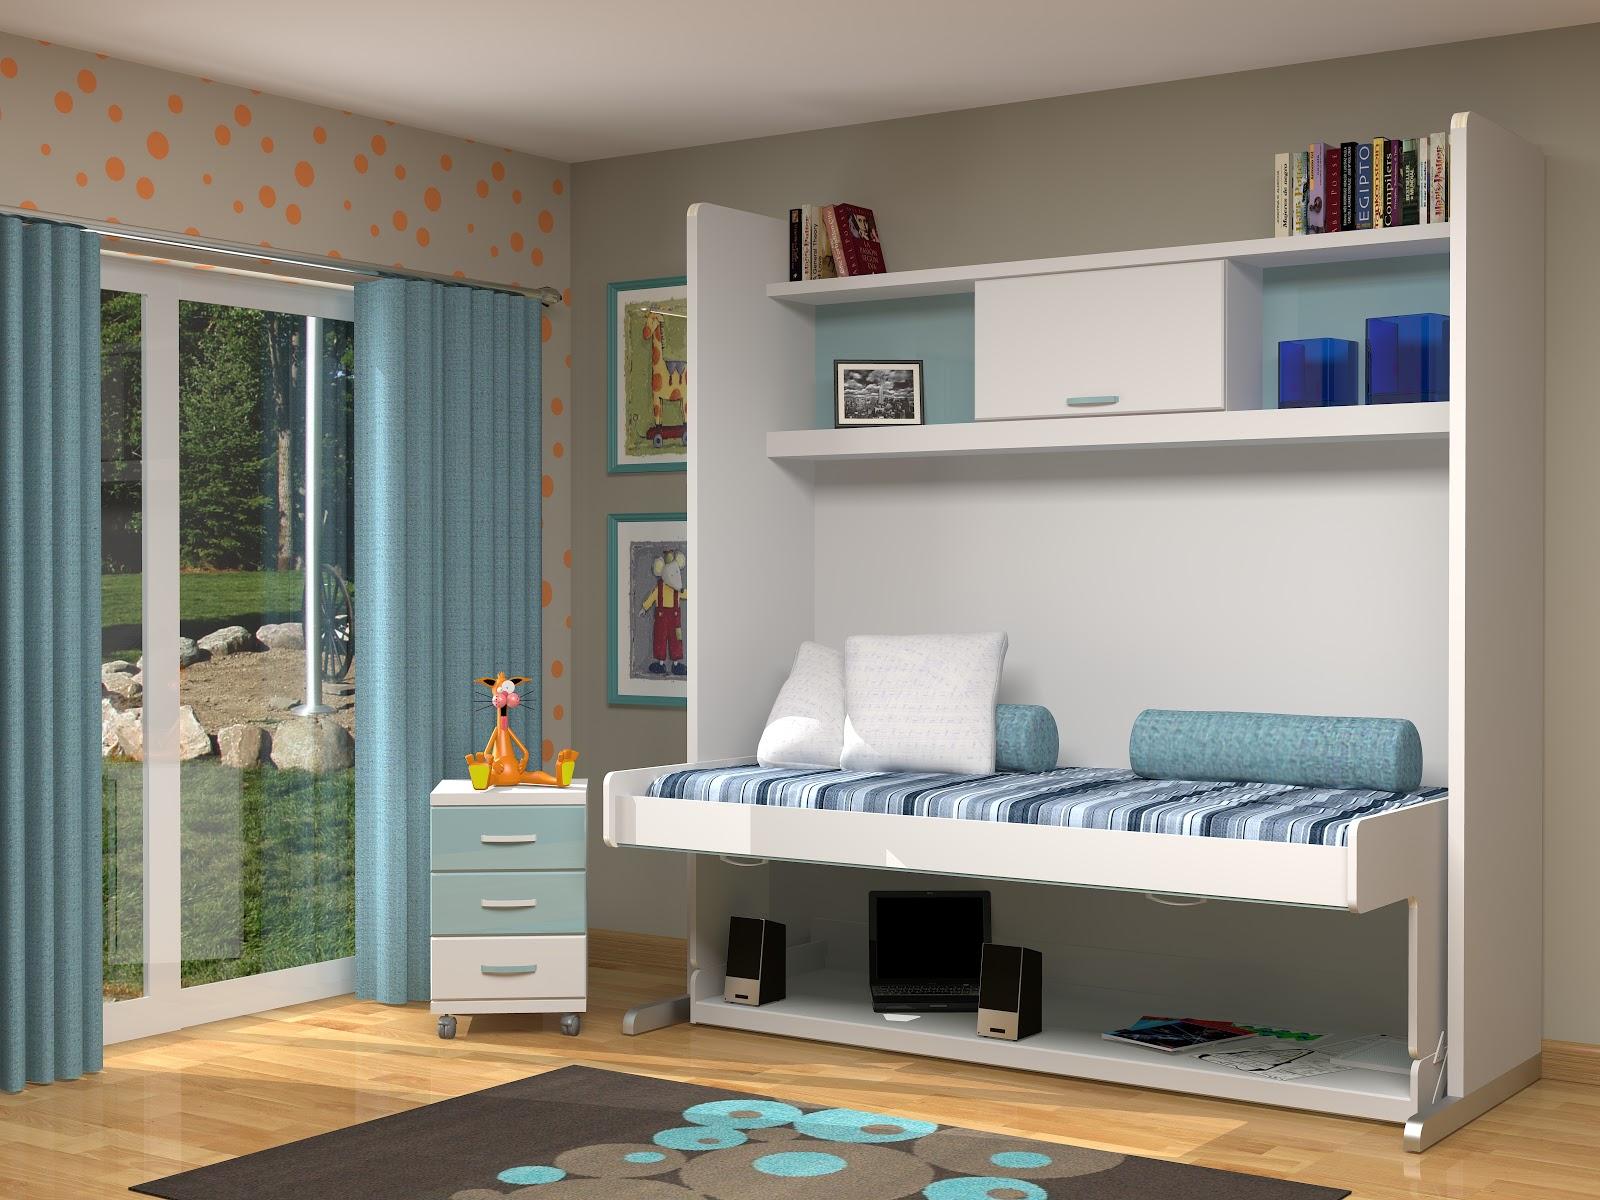 muebles parchis dormitorios para nias dormitorios infantiles y juveniles para niosdonde comprar